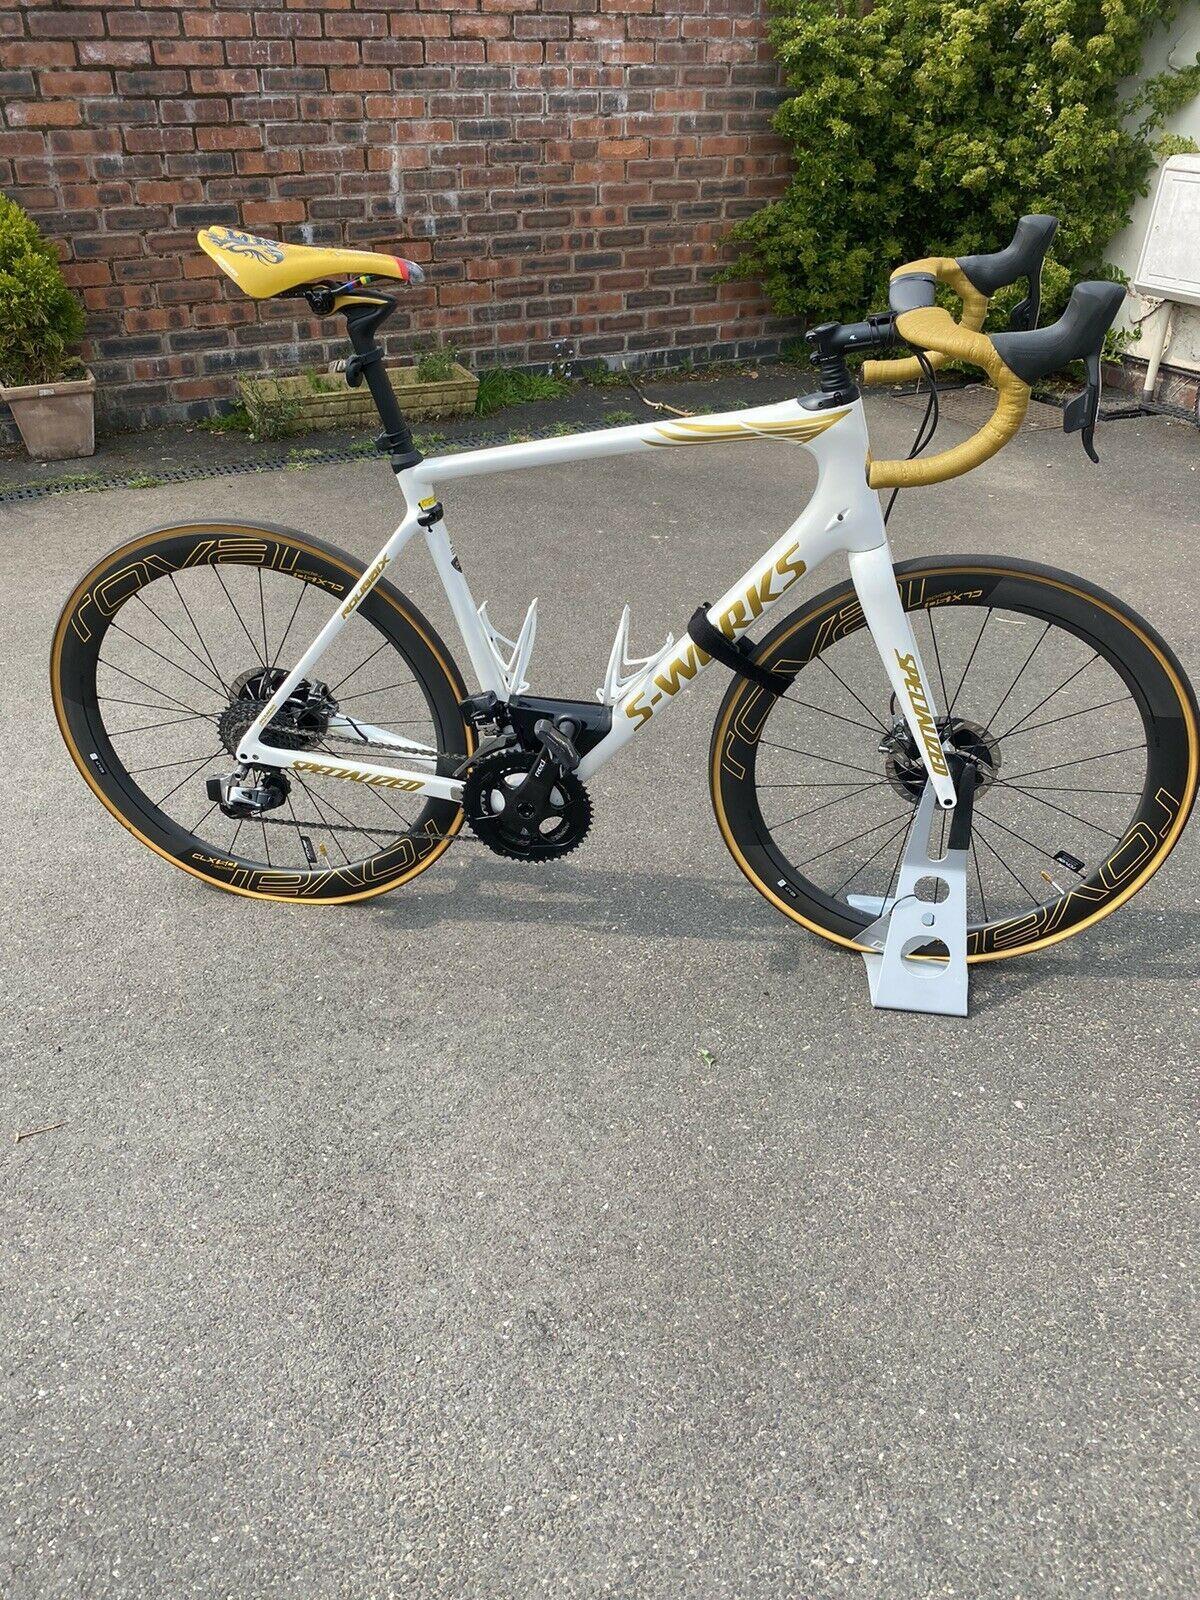 Ebay Finds Tom Boonen Replica Specialized S Works Roubaix Cyclingnews